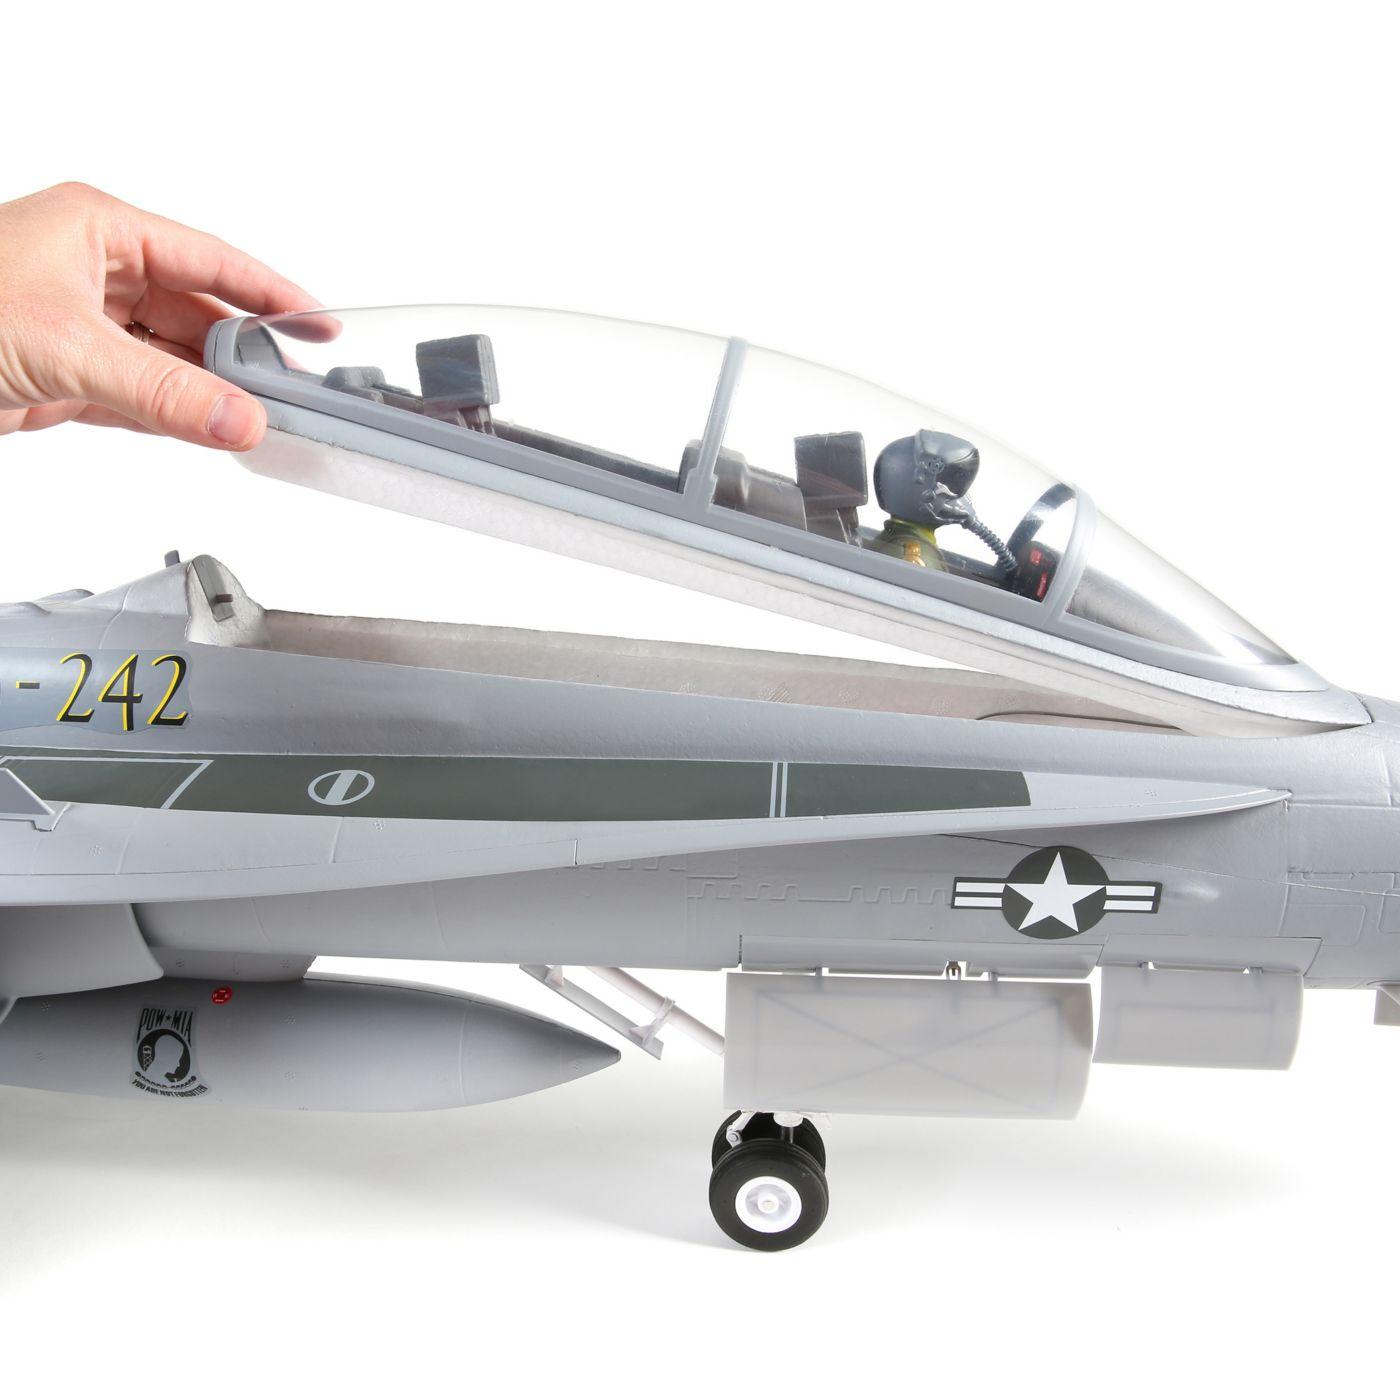 E-flite F-18 Hornet Jet EDF BNF Basic Safe 12